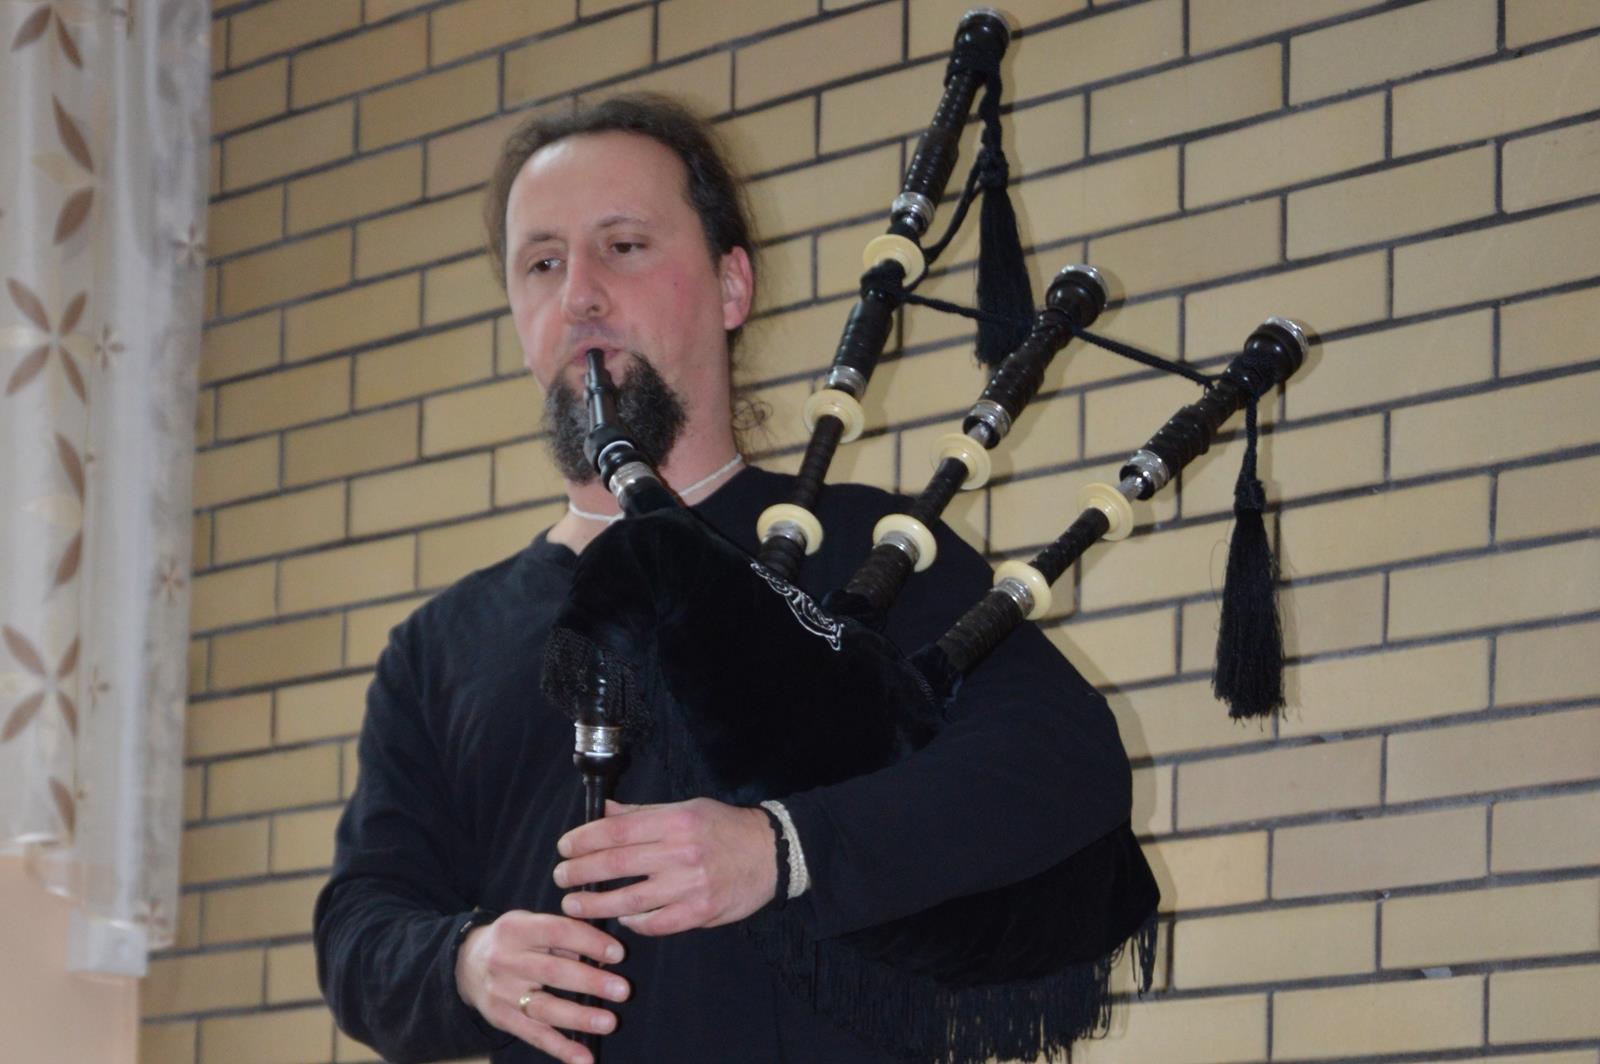 Muzyczna podróż: Szkocja, kraina gór i niezwykłych dźwięków